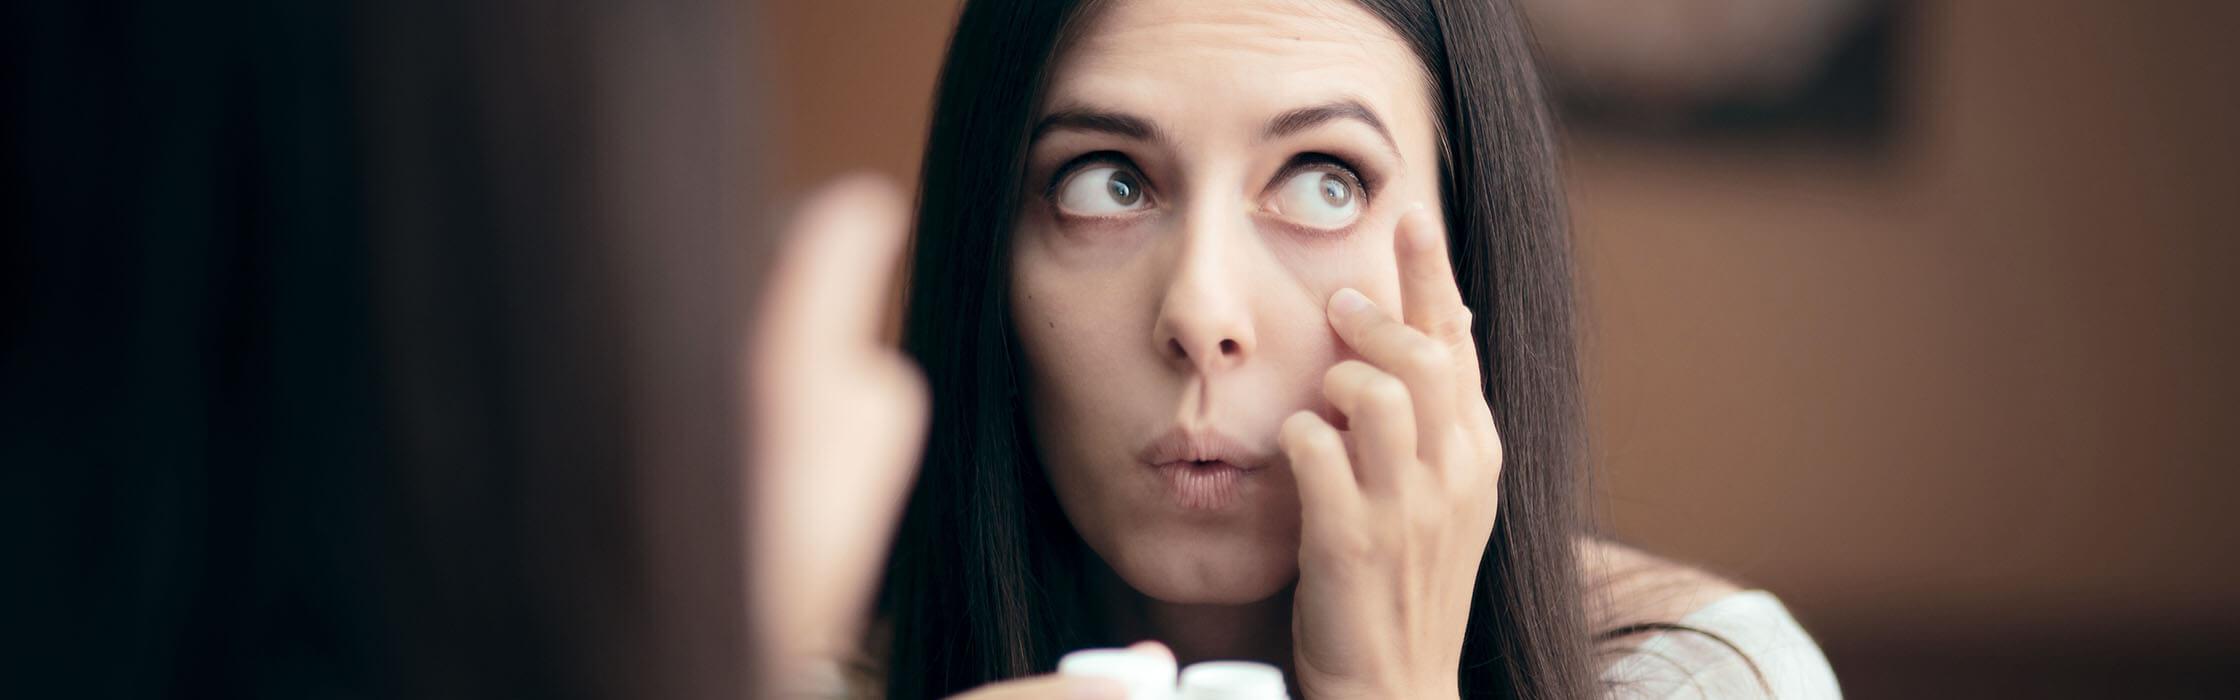 Een vrouw probeert een lens uit haar oog te halen